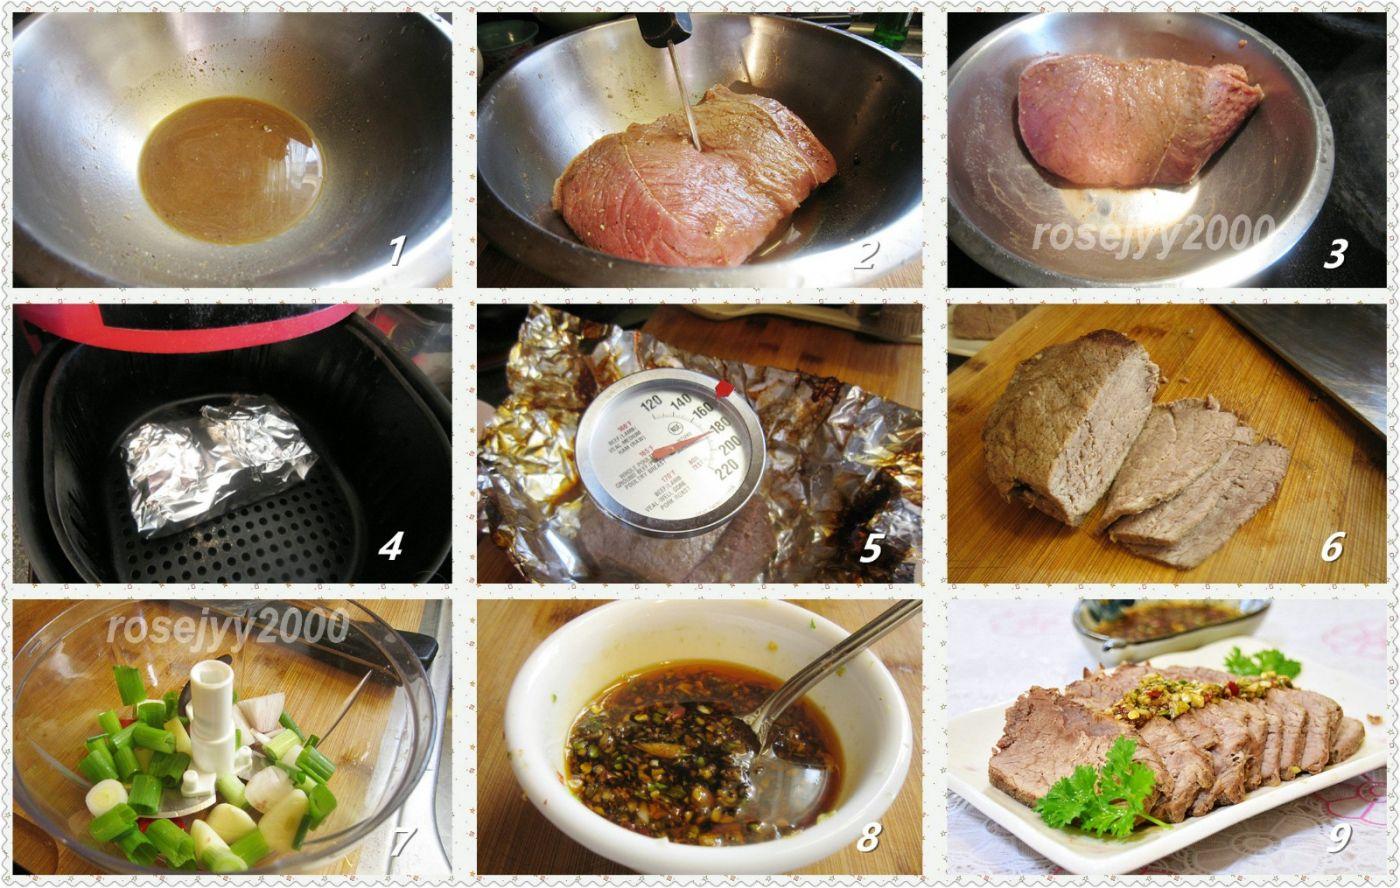 五香牛肉_图1-2